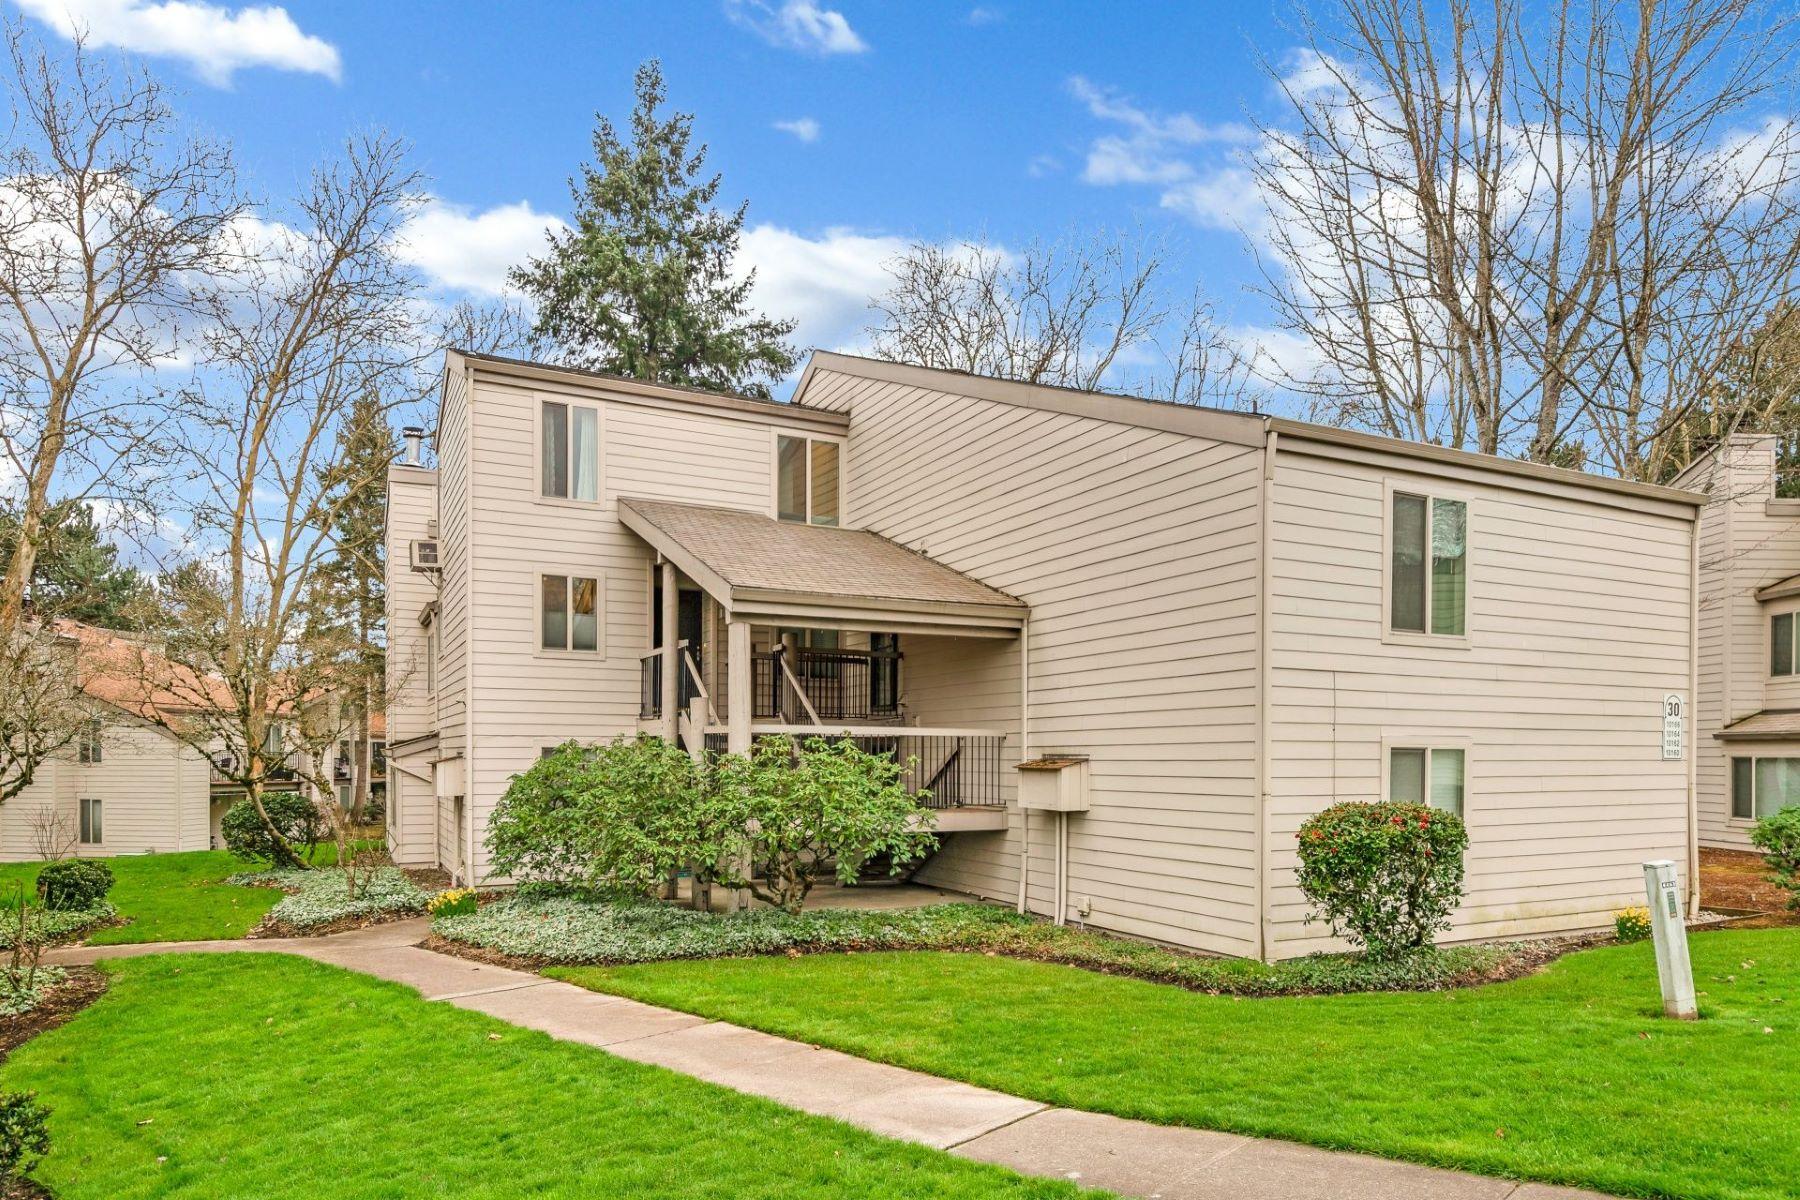 Condominiums για την Πώληση στο 10164 SW TRAPPER TER Beaverton, OR 97008 10164 Trapper Ter, Beaverton, Ορεγκον 97008 Ηνωμένες Πολιτείες